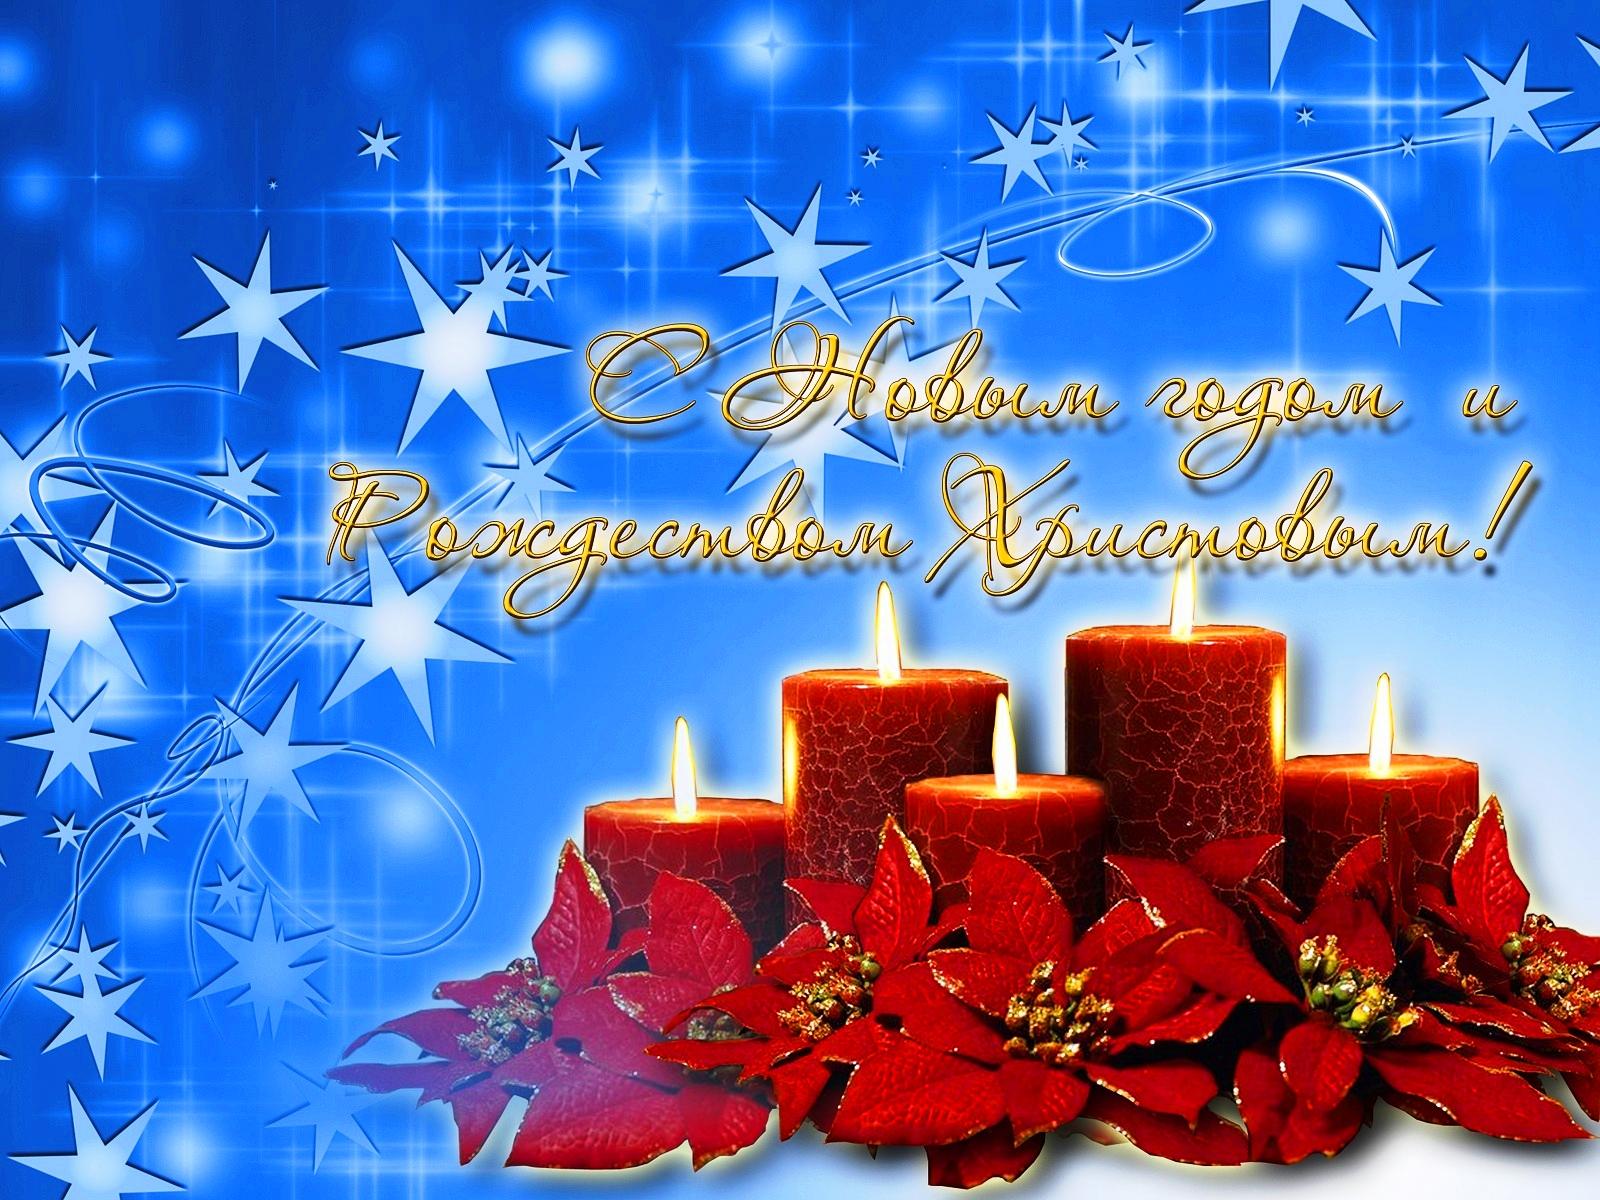 Открытки работой, поздравление с открыткой с новым годом и рождеством